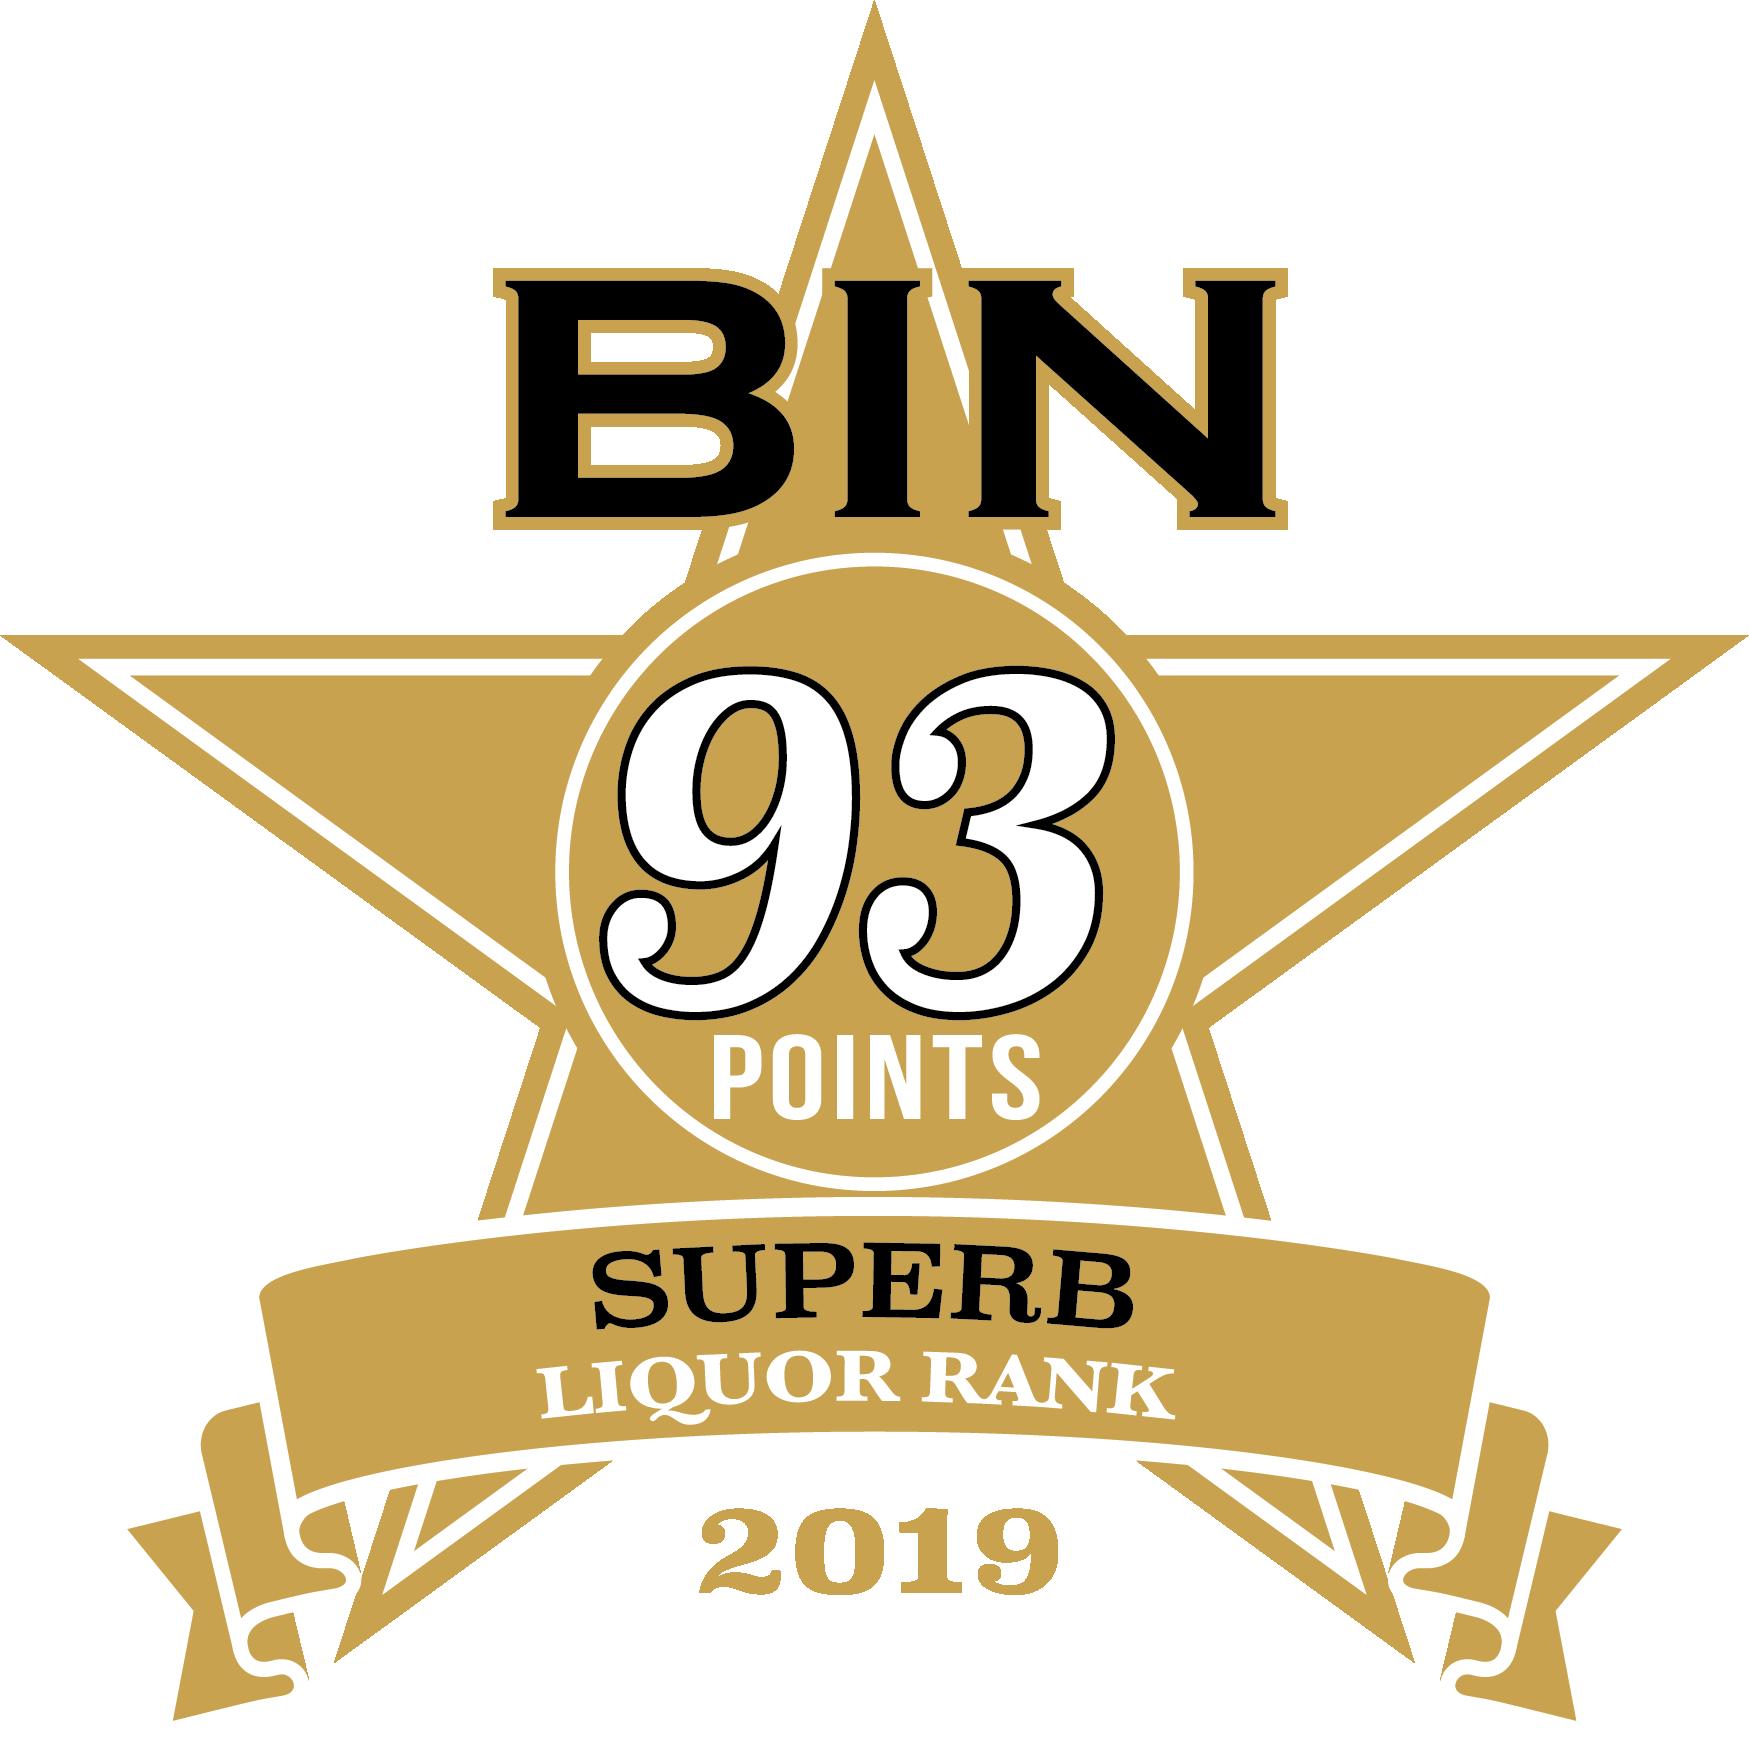 2019 LR Superb 93